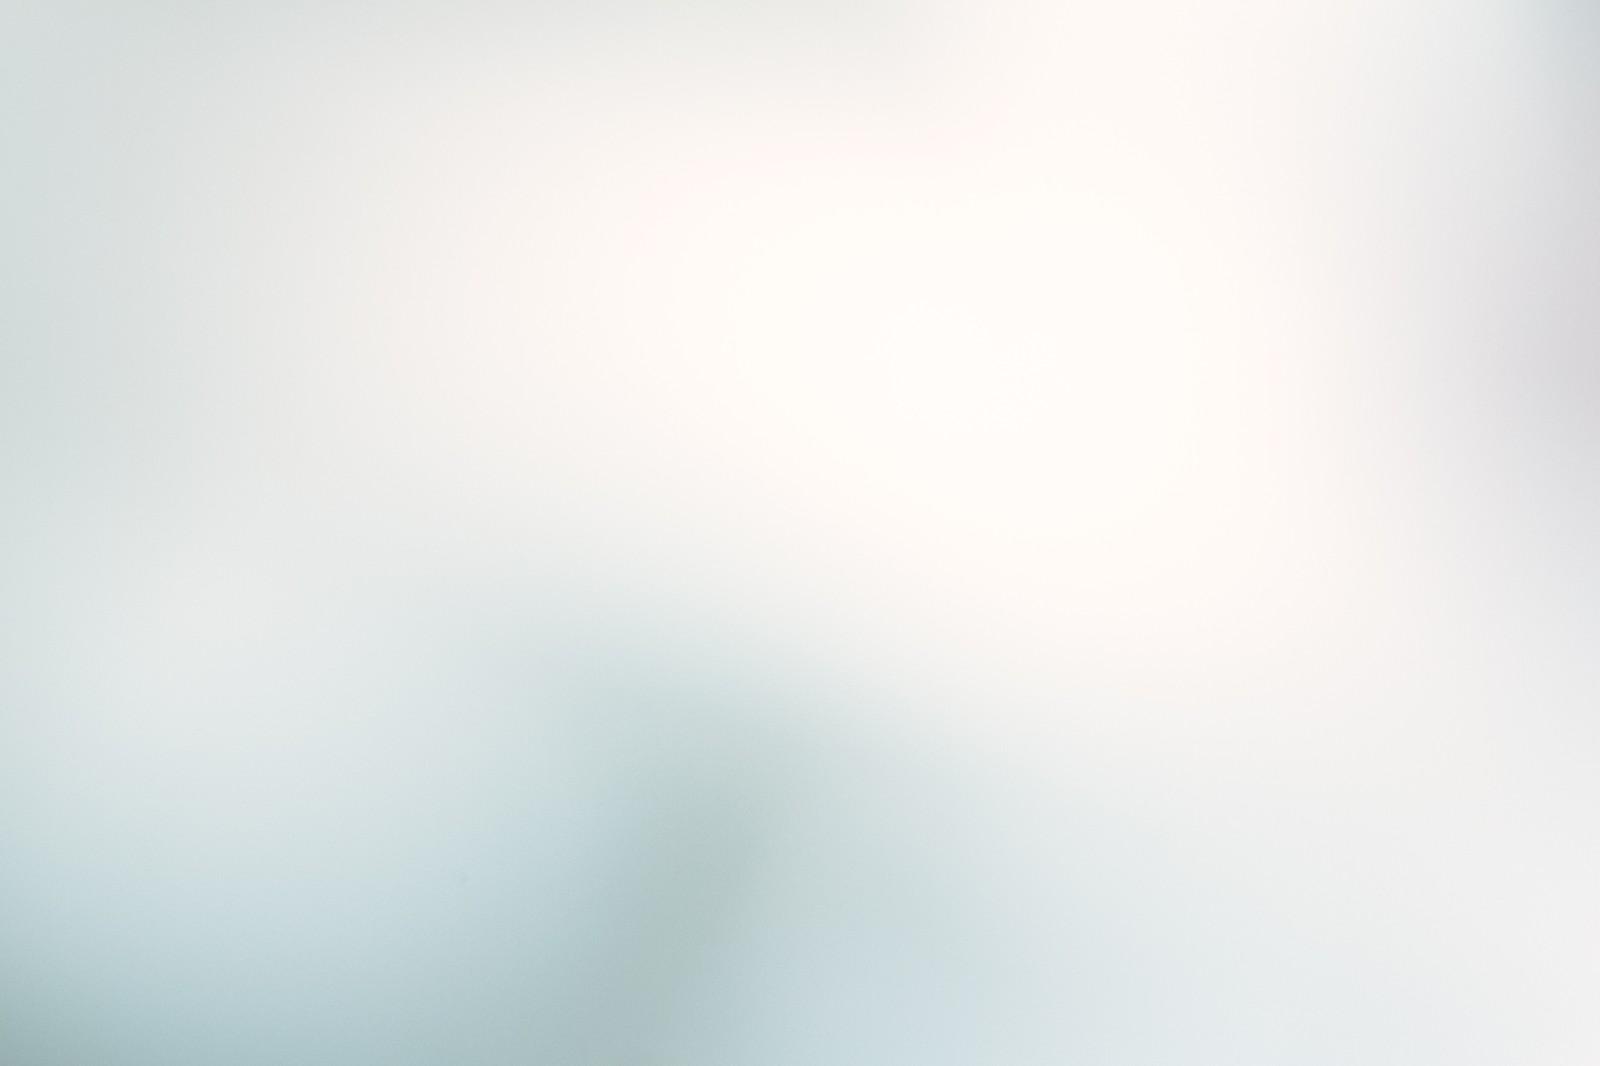 嘔吐恐怖症の克服方法【大阪の心斎橋や本町で自律神経失調症やパニック障害の鍼灸と整体】